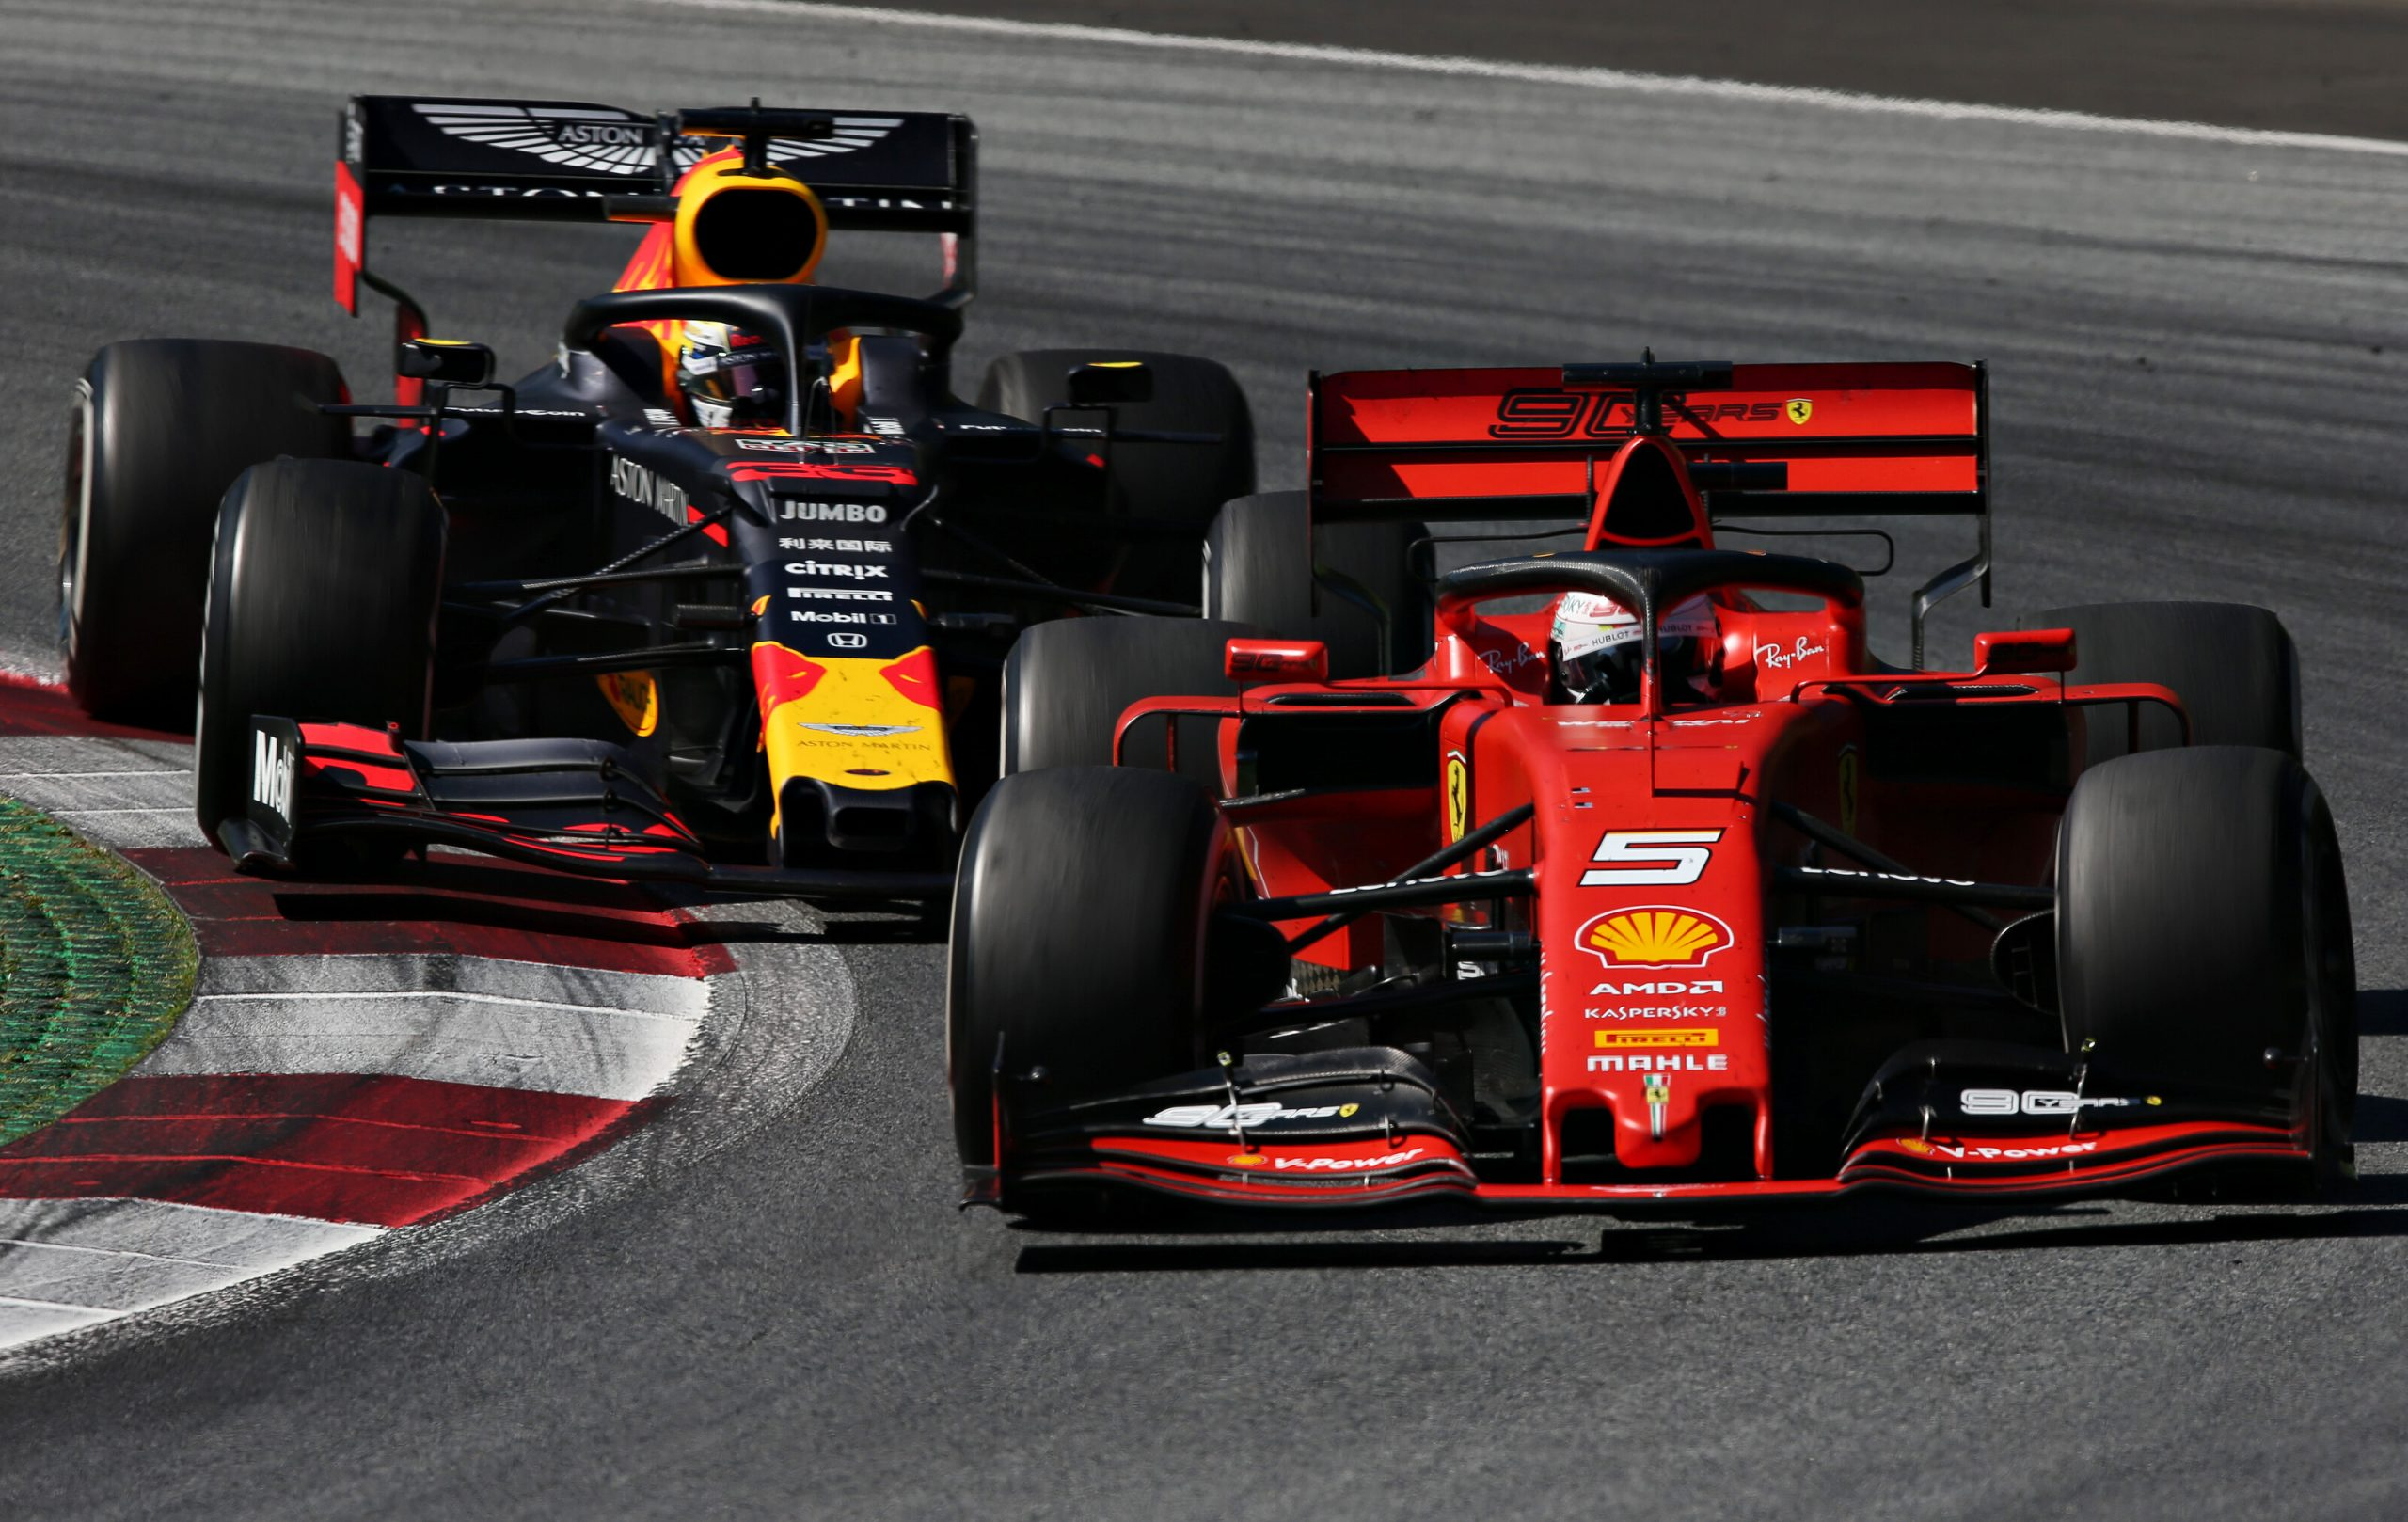 Les équipes auront les mêmes pneus qu'en 2019 pour le GP d'Autriche 1